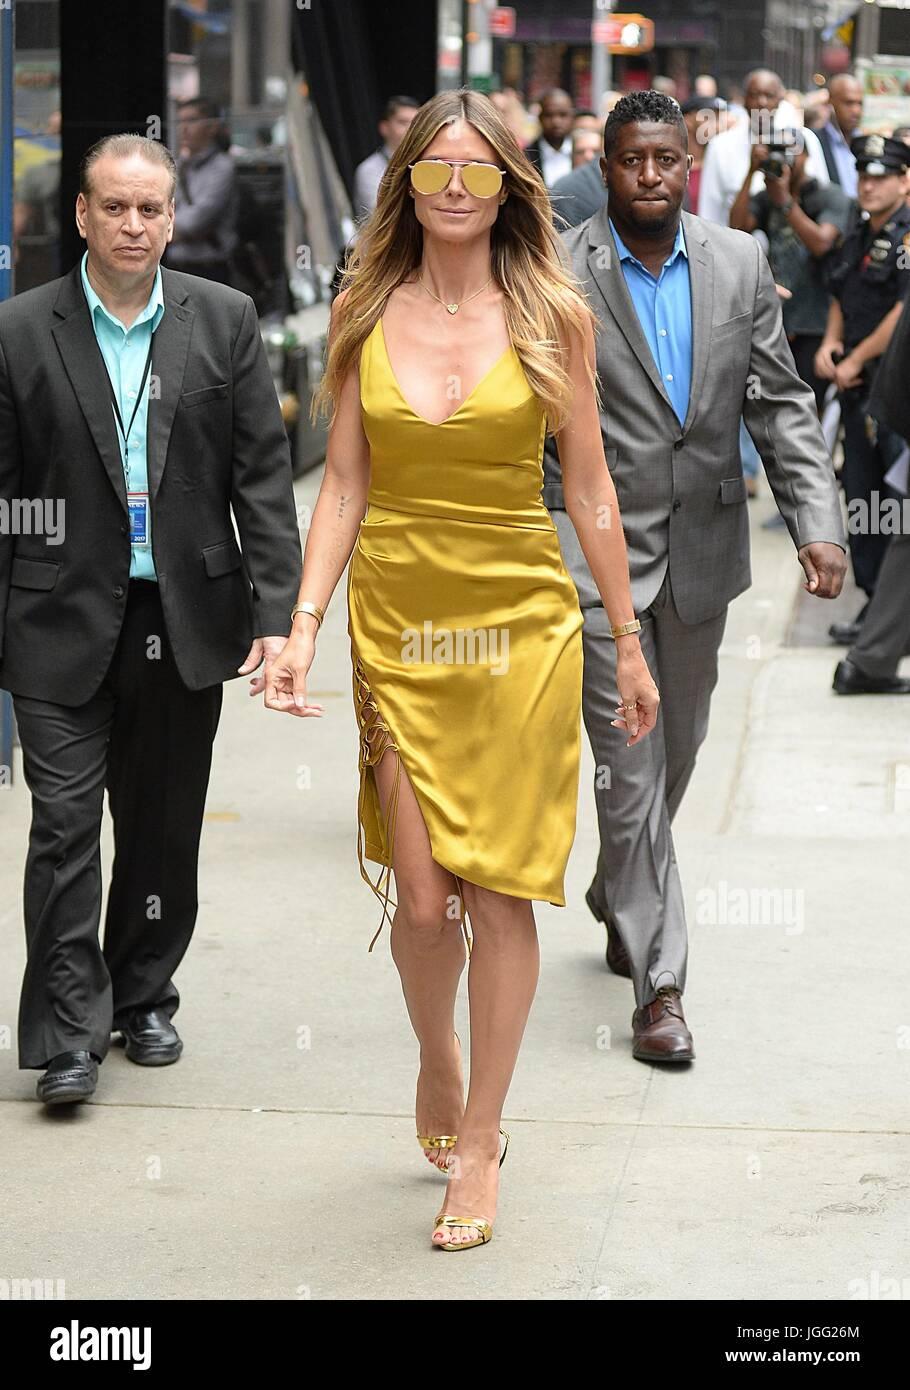 New York, NY, USA. 6 juillet, 2017. Heidi Klum dehors et environ pour la célébrité Candids - THU, Photo Stock